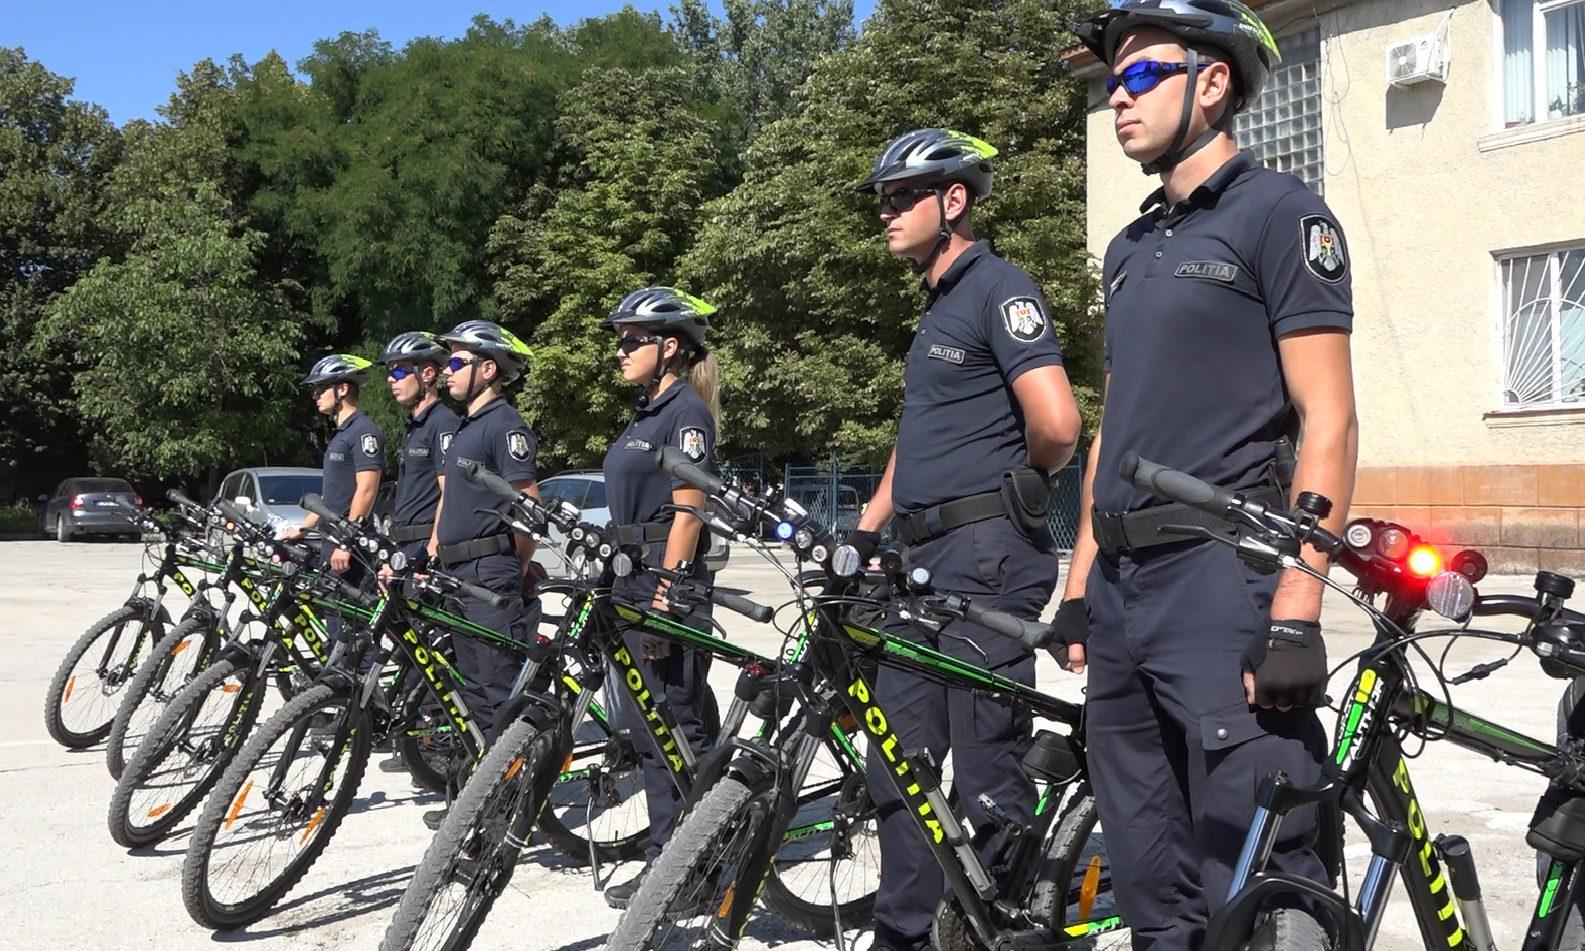 VIDEO | De aproape trei luni, zece polițiști patrulează orașul Bălți pe biciclete